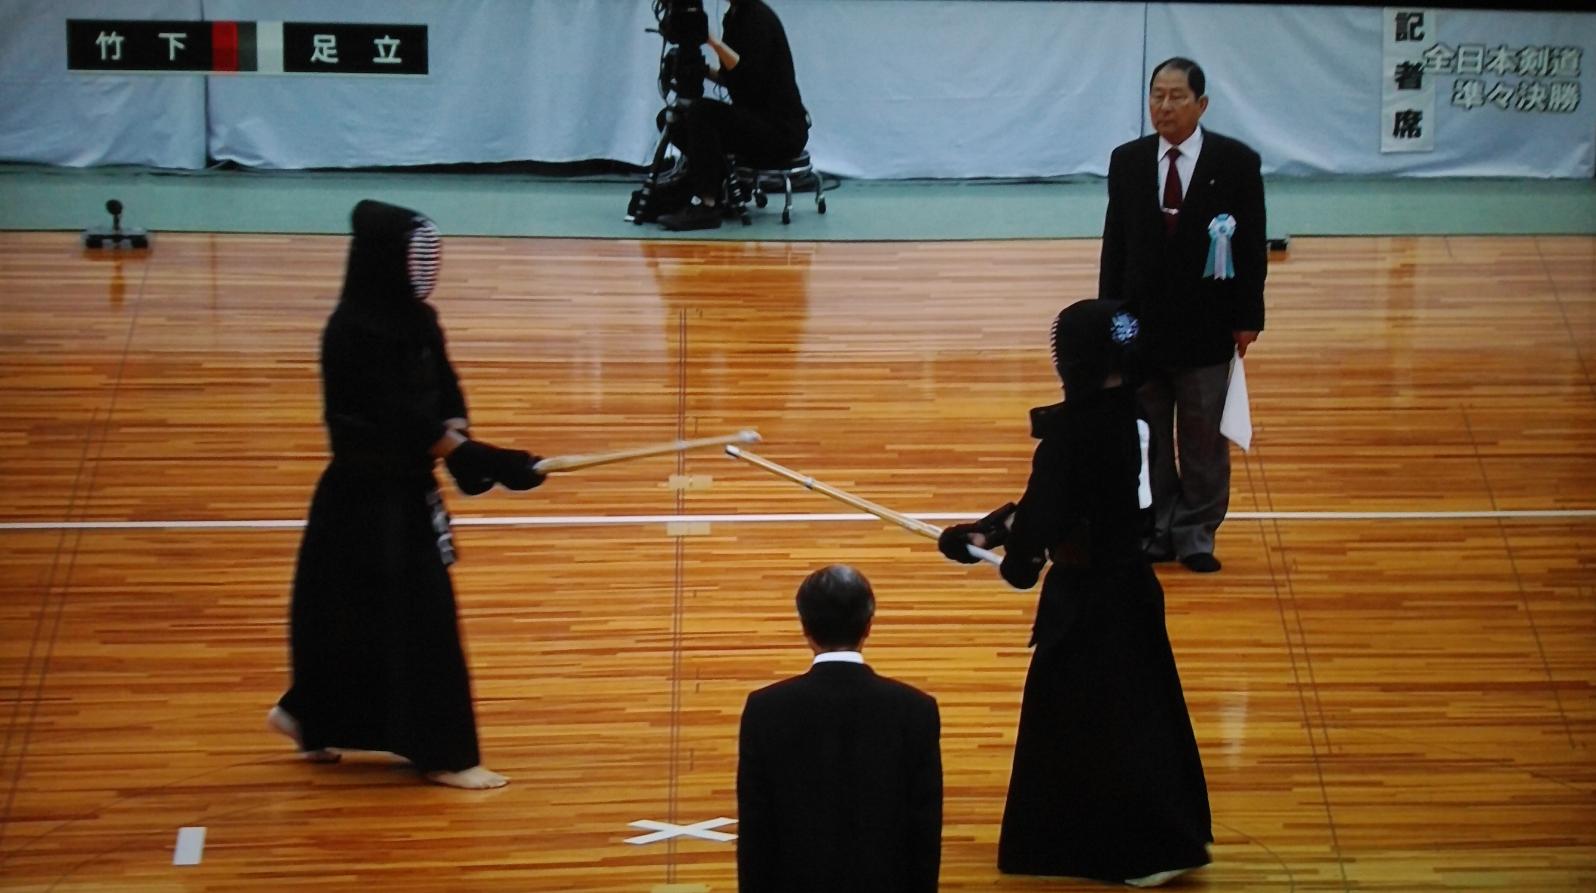 第67回全日本剣道選手権